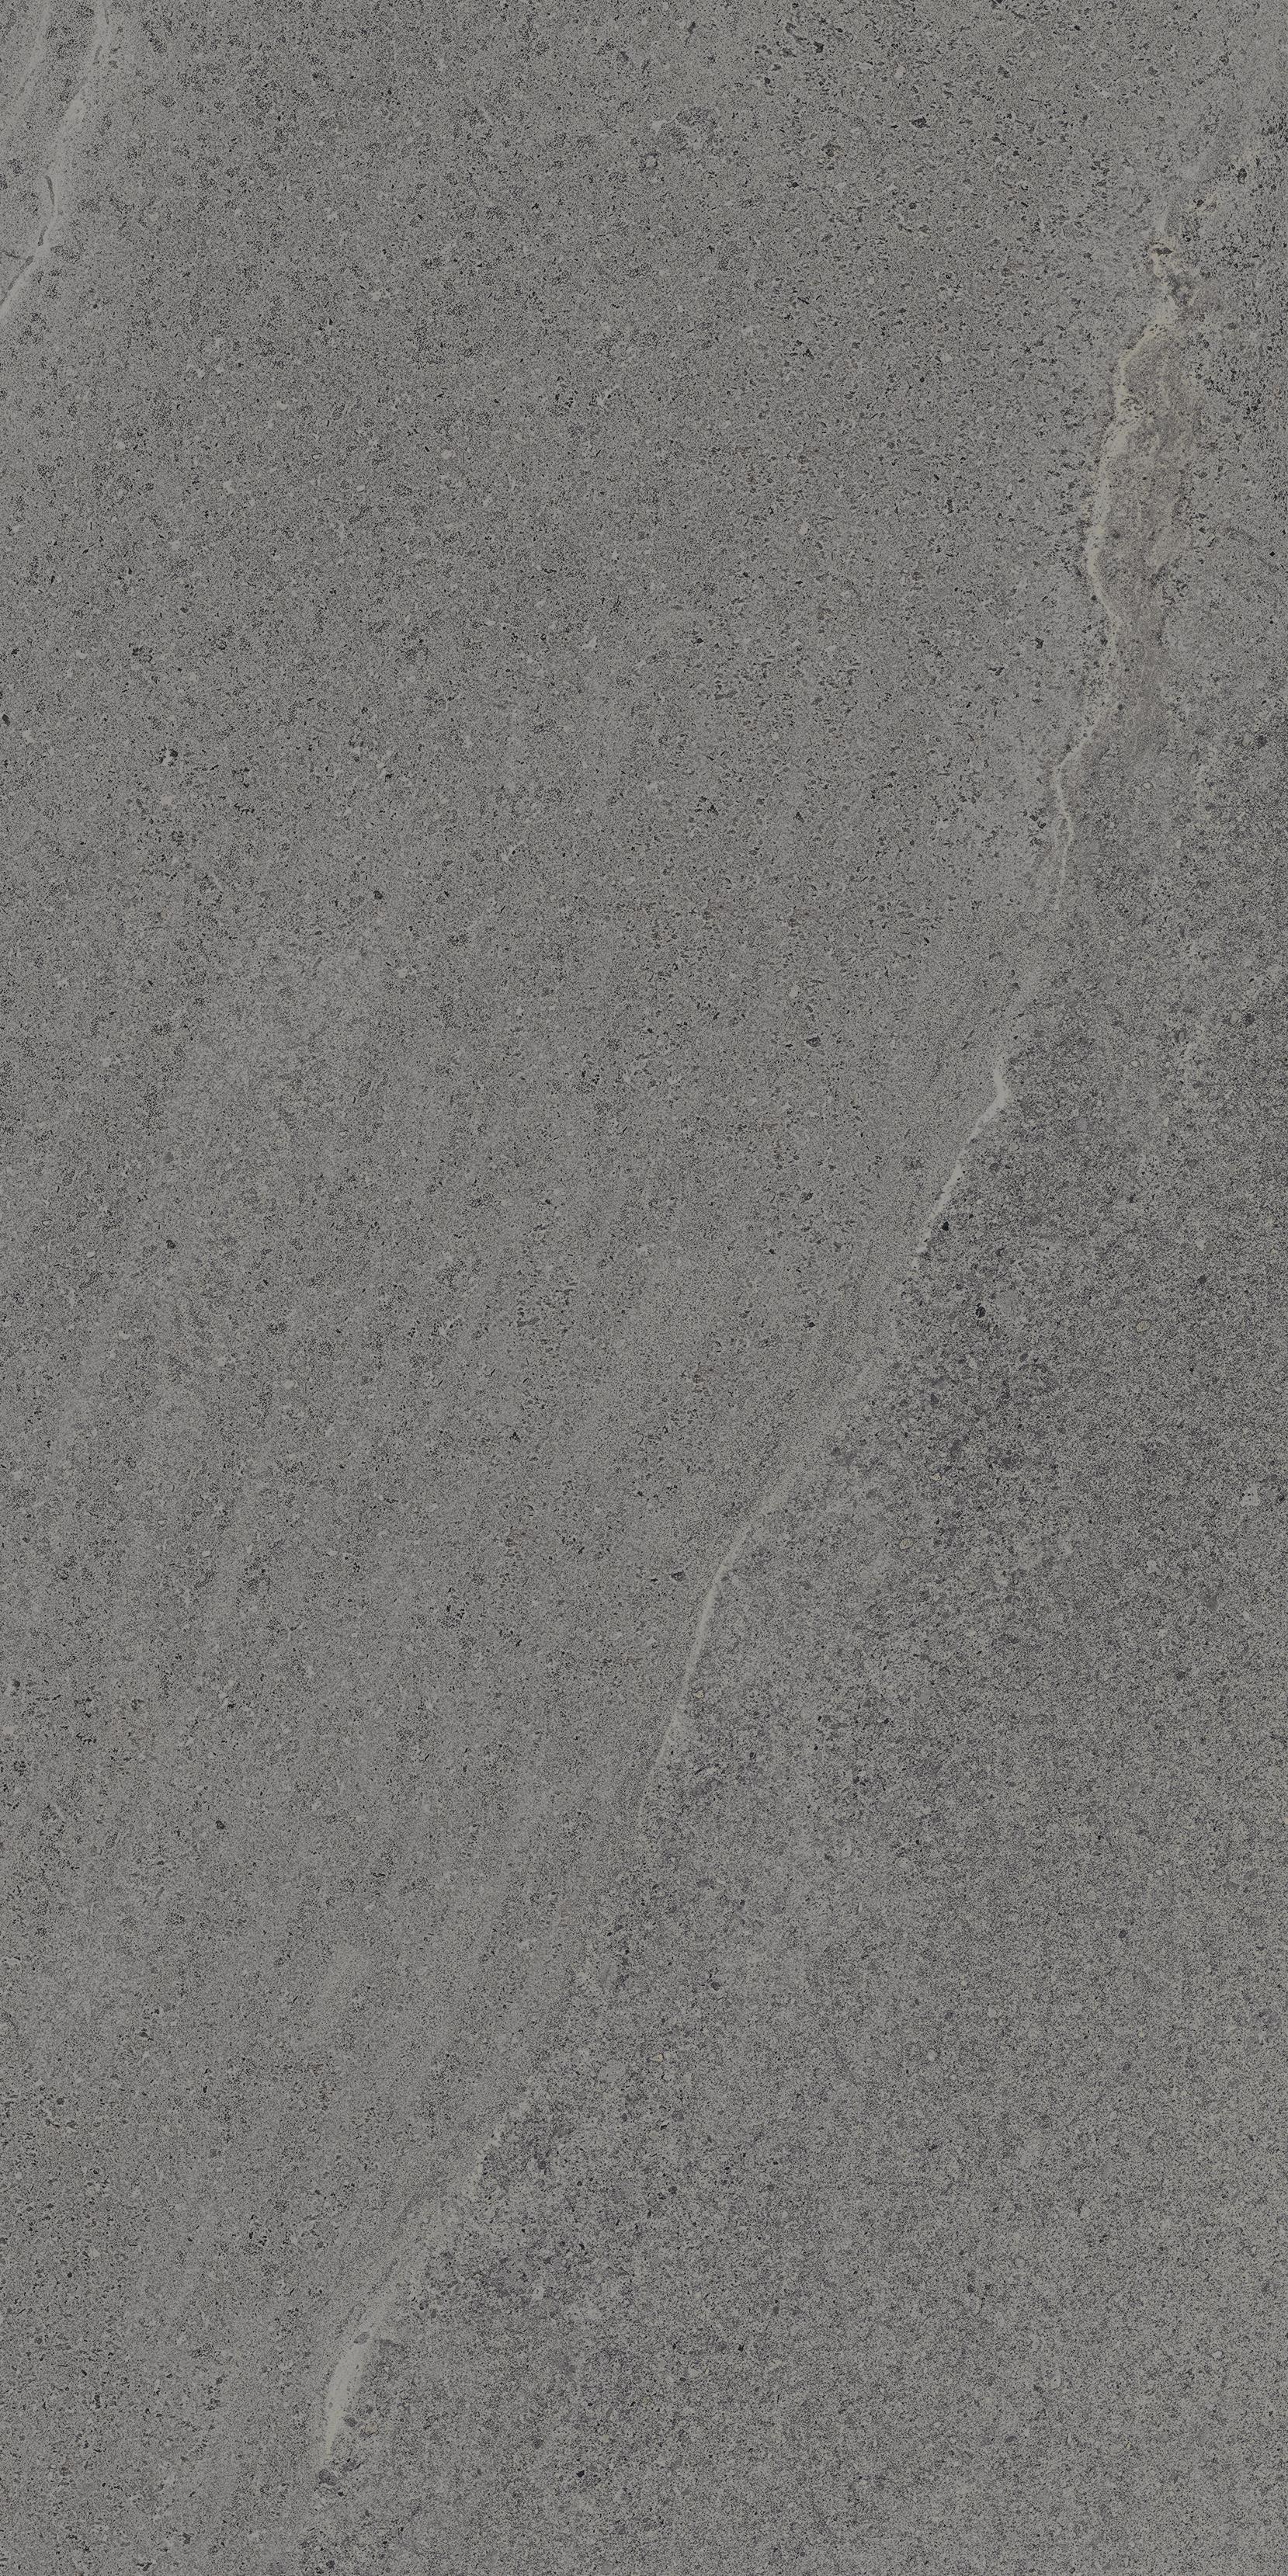 плитка из керамогранита структурированная italon дженезис 30x60 серый 610010001387 Плитка из керамогранита структурированная Italon Контемпора 30x60 серый (610010000790)